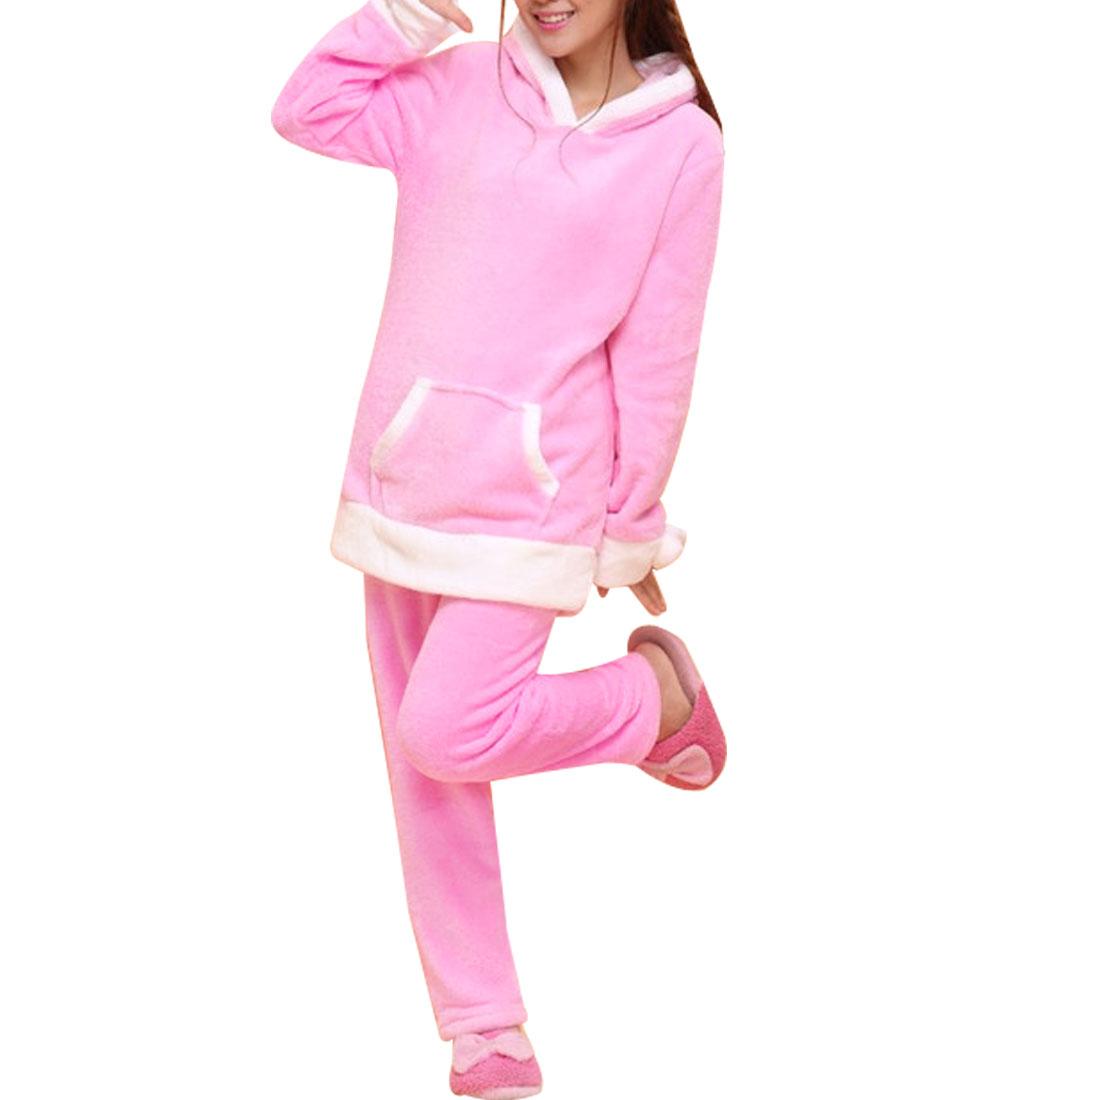 Ladies Cartoon Rabbit Shape Warm Soft Leisure Winter Sleepwear Suits Pink M